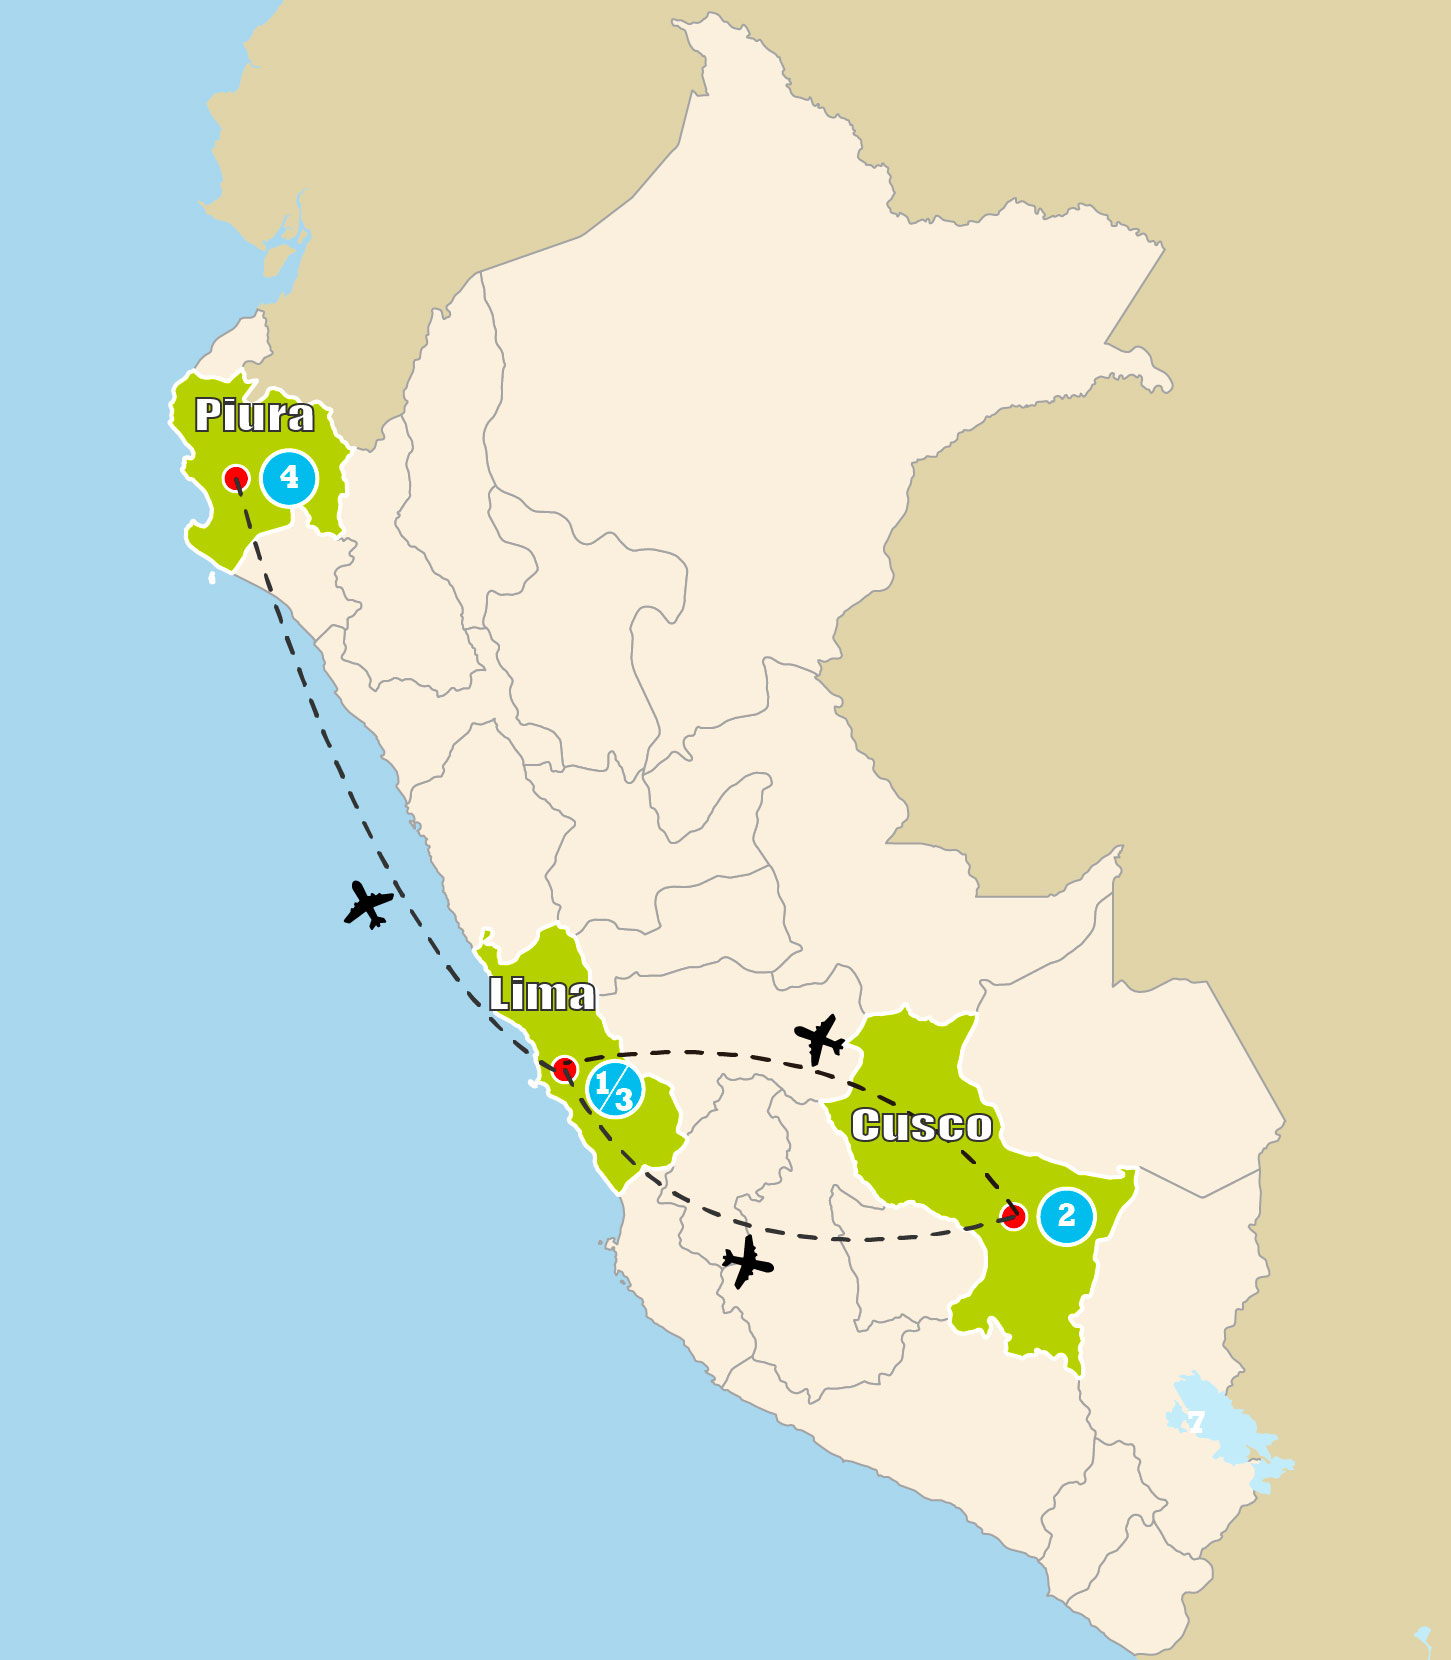 mapa tour